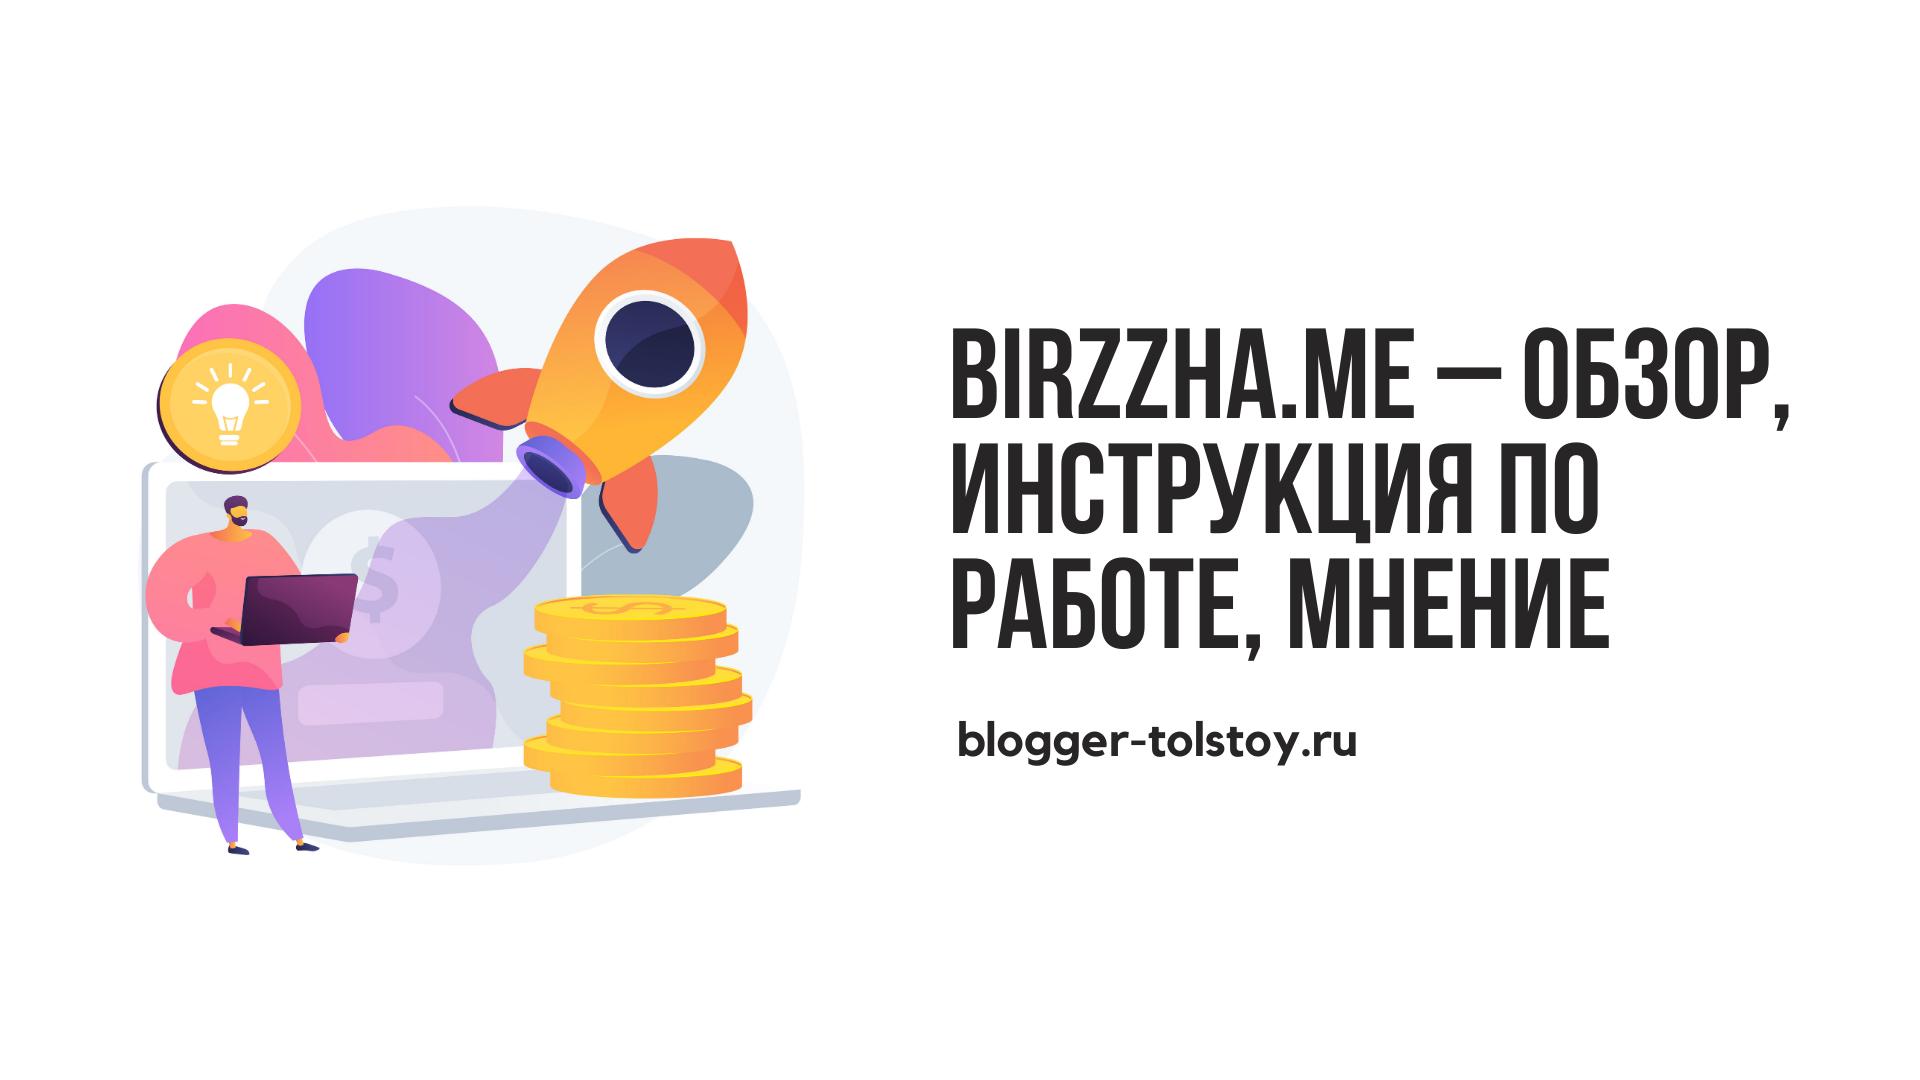 Birzzha.me – обзор, инструкция по работе, мнение